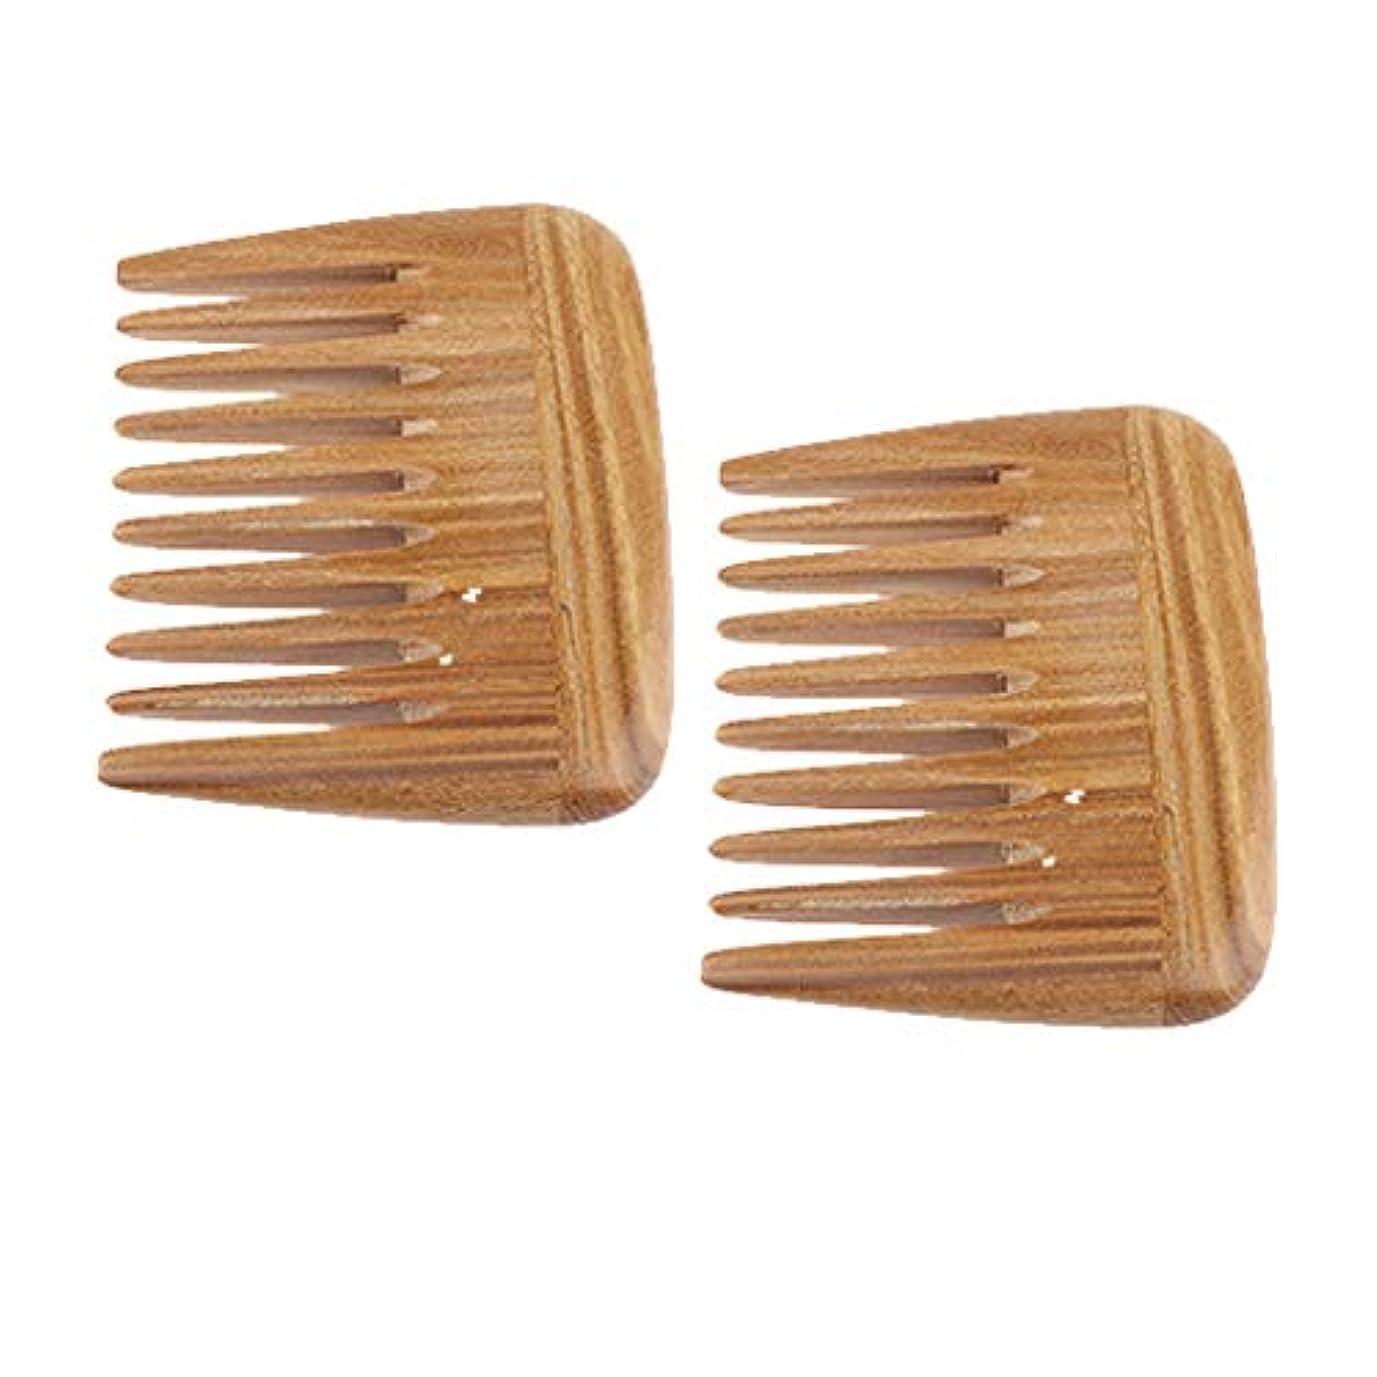 用心深いパイル時々時々レトロポケットブラシ 静電気 防止天然マッサージ広い歯 髪の櫛 2個入り